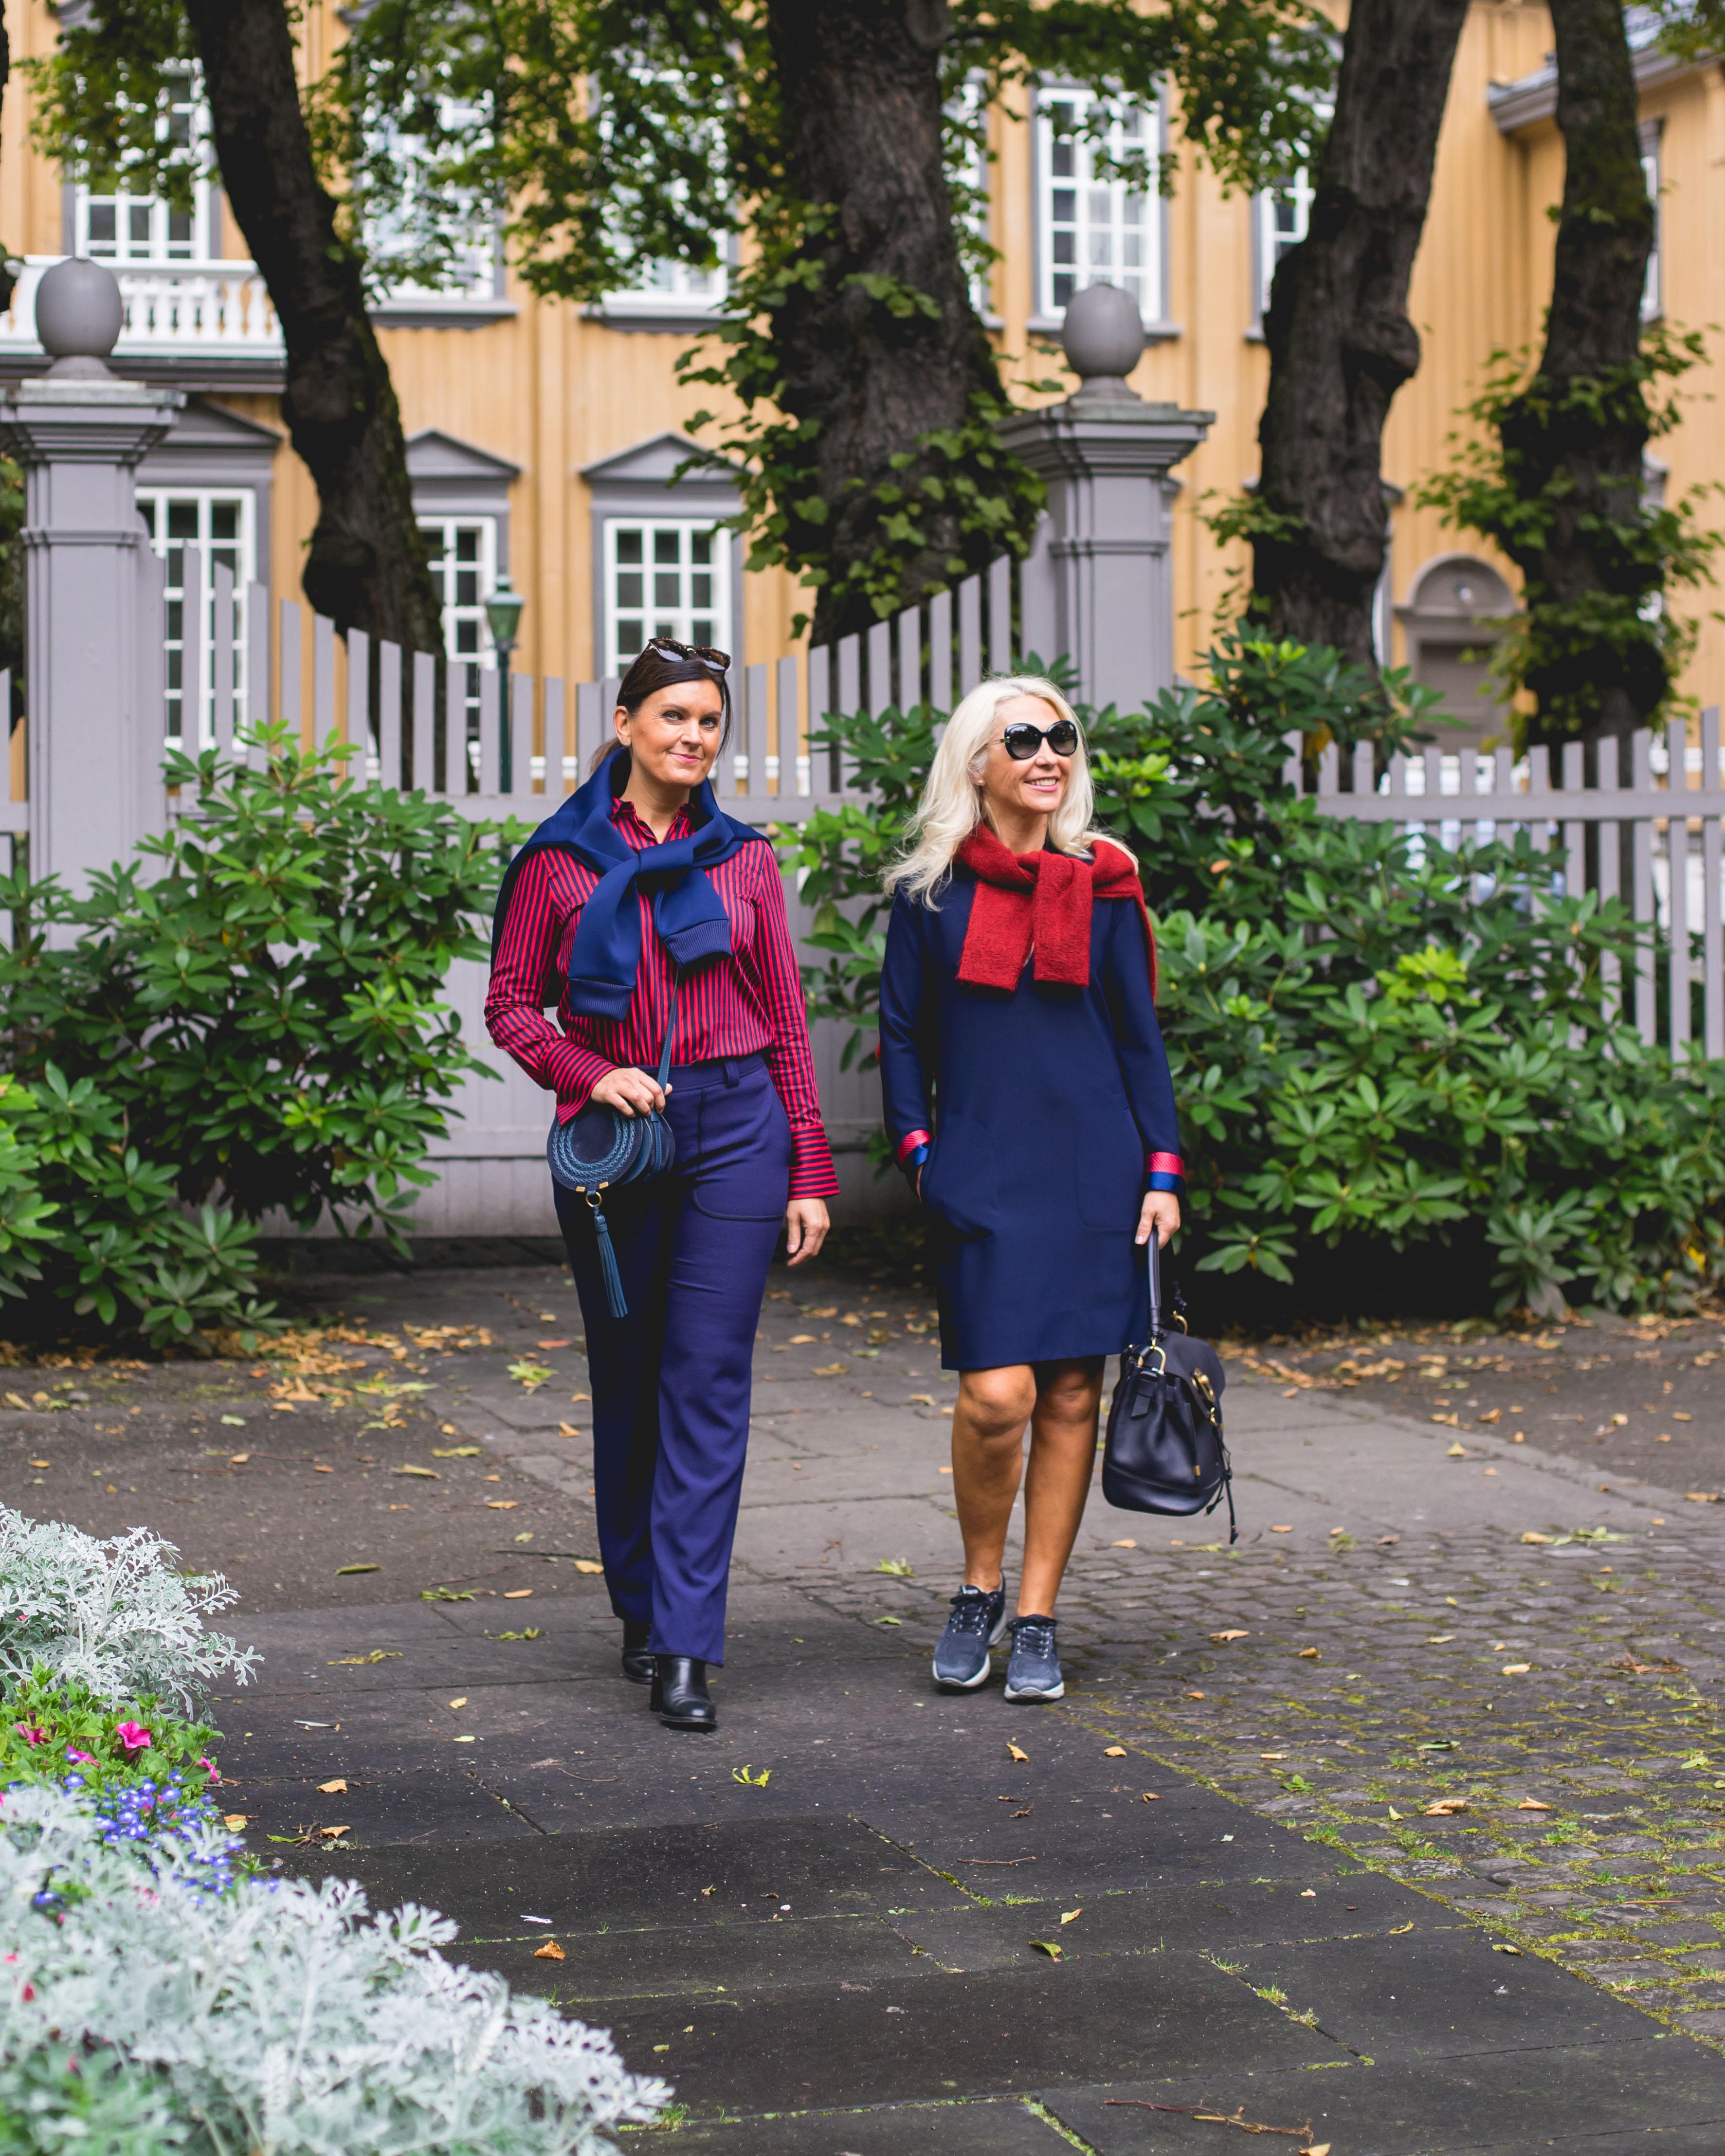 807dd8cc Enhver garderobe fortjener plagg som popper! Ingrid og Lisbeth viser frem  nyheter i rødt og blått fra By Malene Birger som passer perfekt på kontoret  og til ...